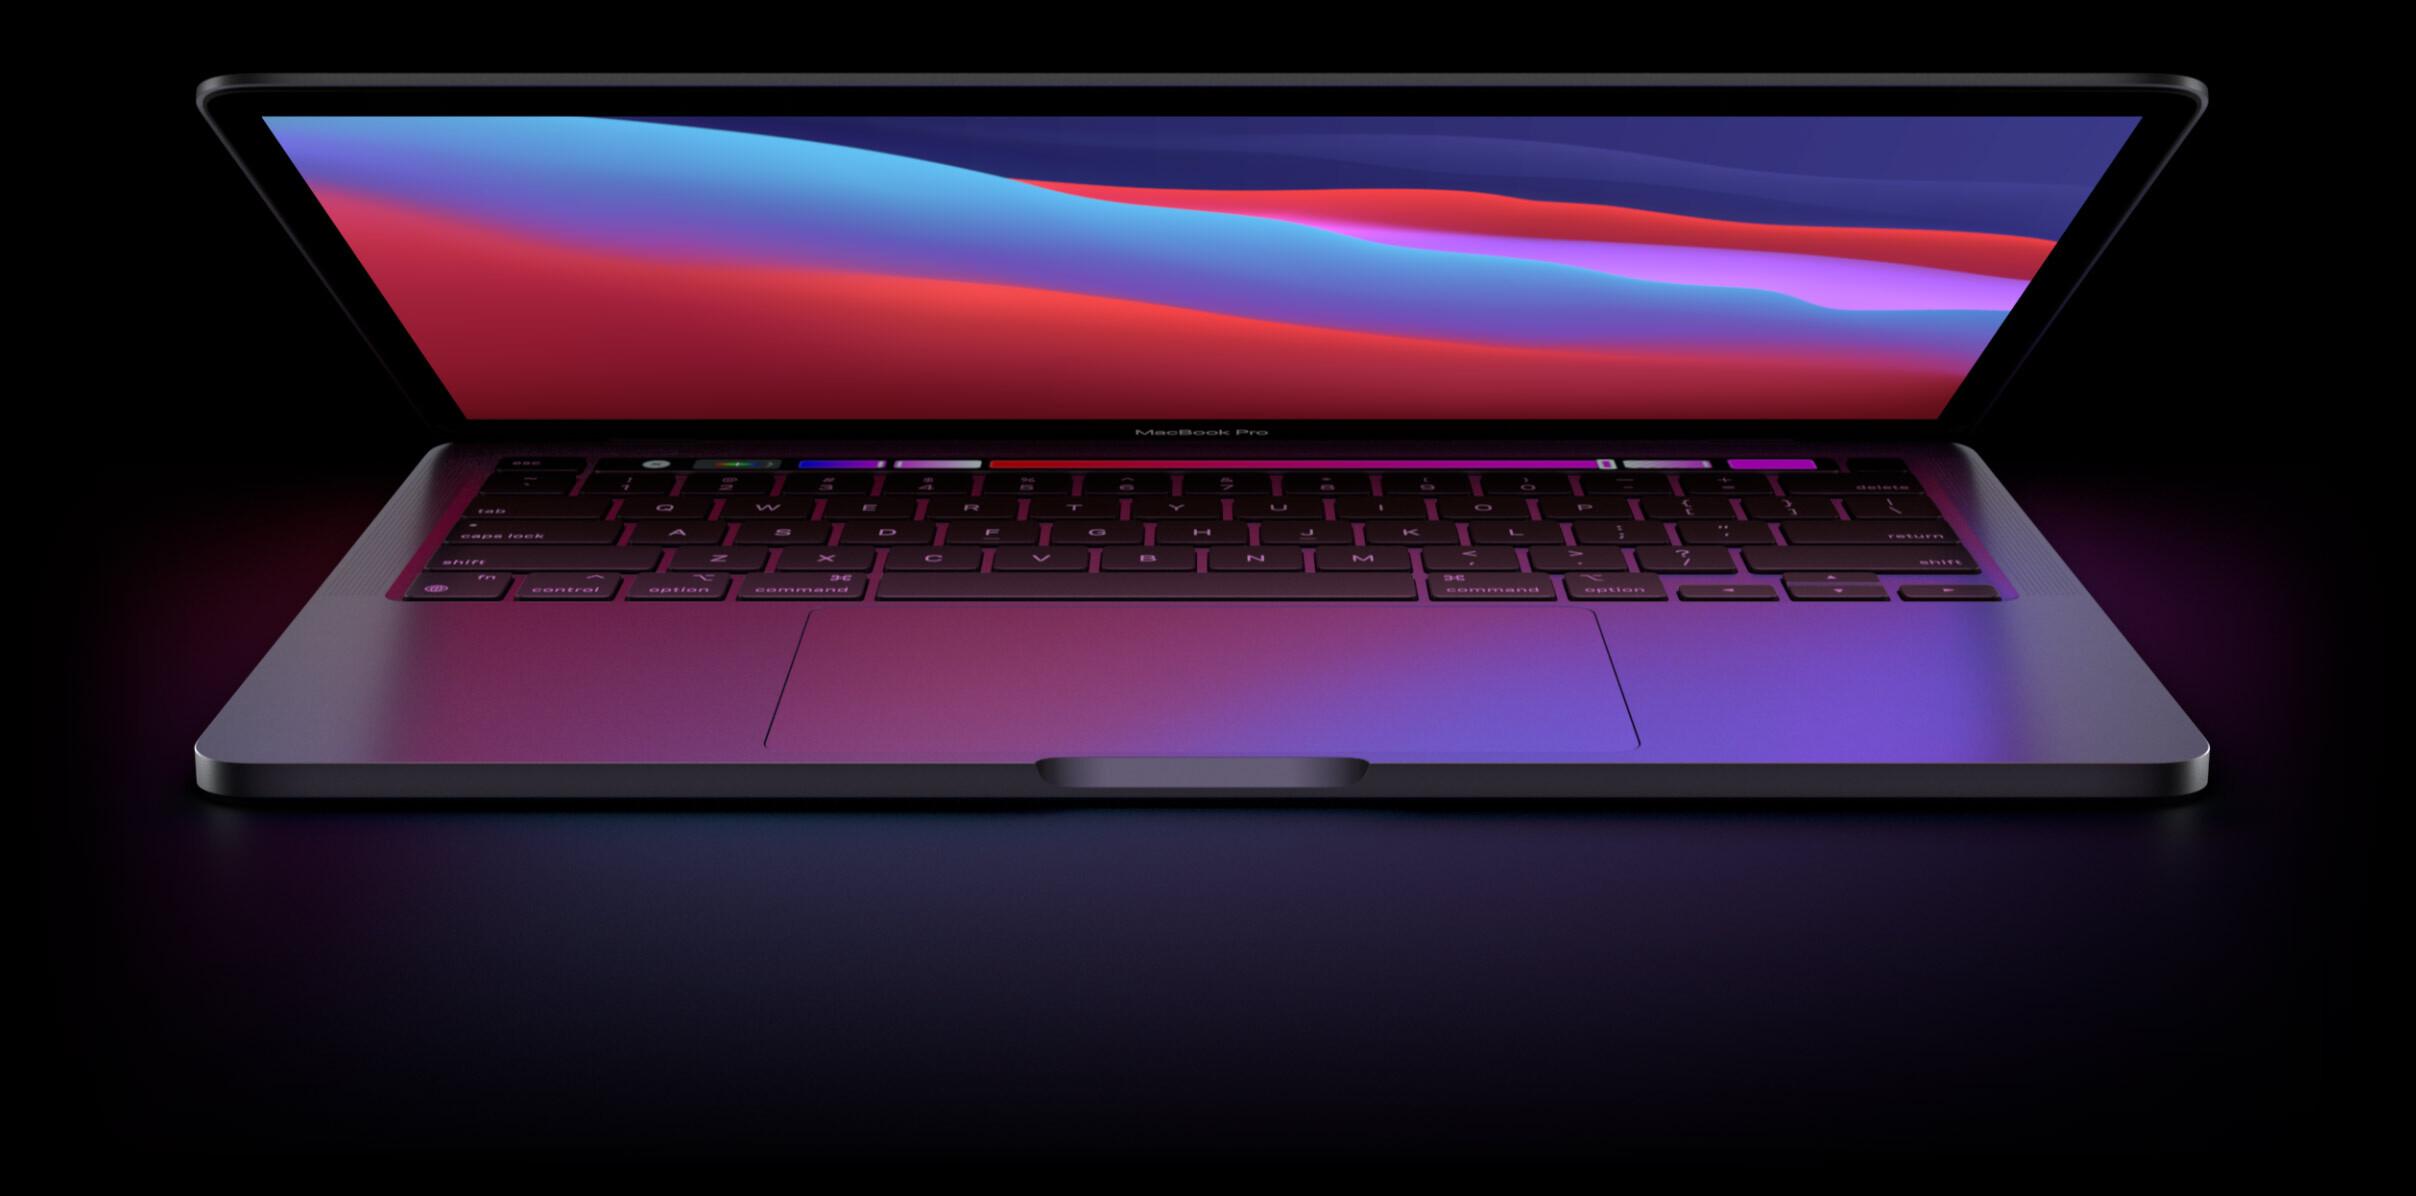 Apple столкнулась с проблемой производства MacBook и iPad из-за глобального дефицита полупроводников